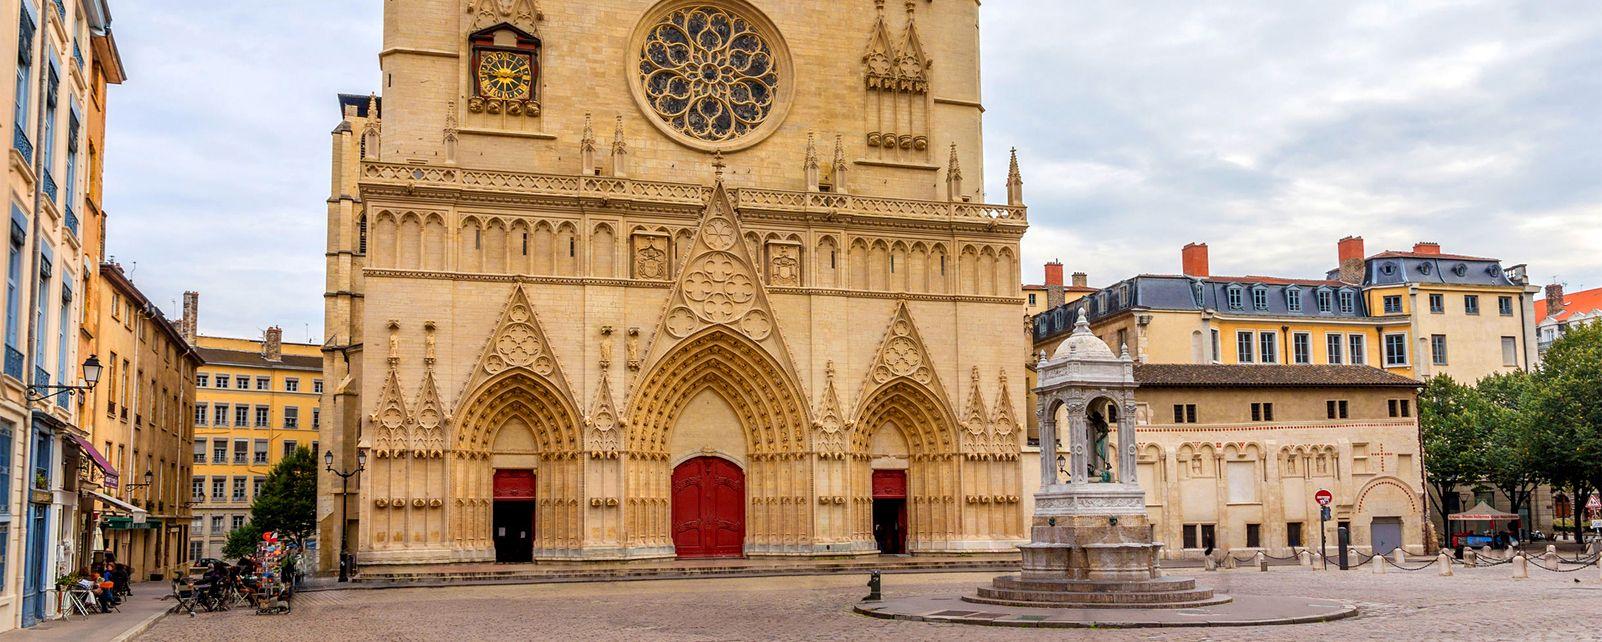 Die Kathedrale Saint-Jean-Baptiste von Lyon , Am Fuße des Hügels , Frankreich